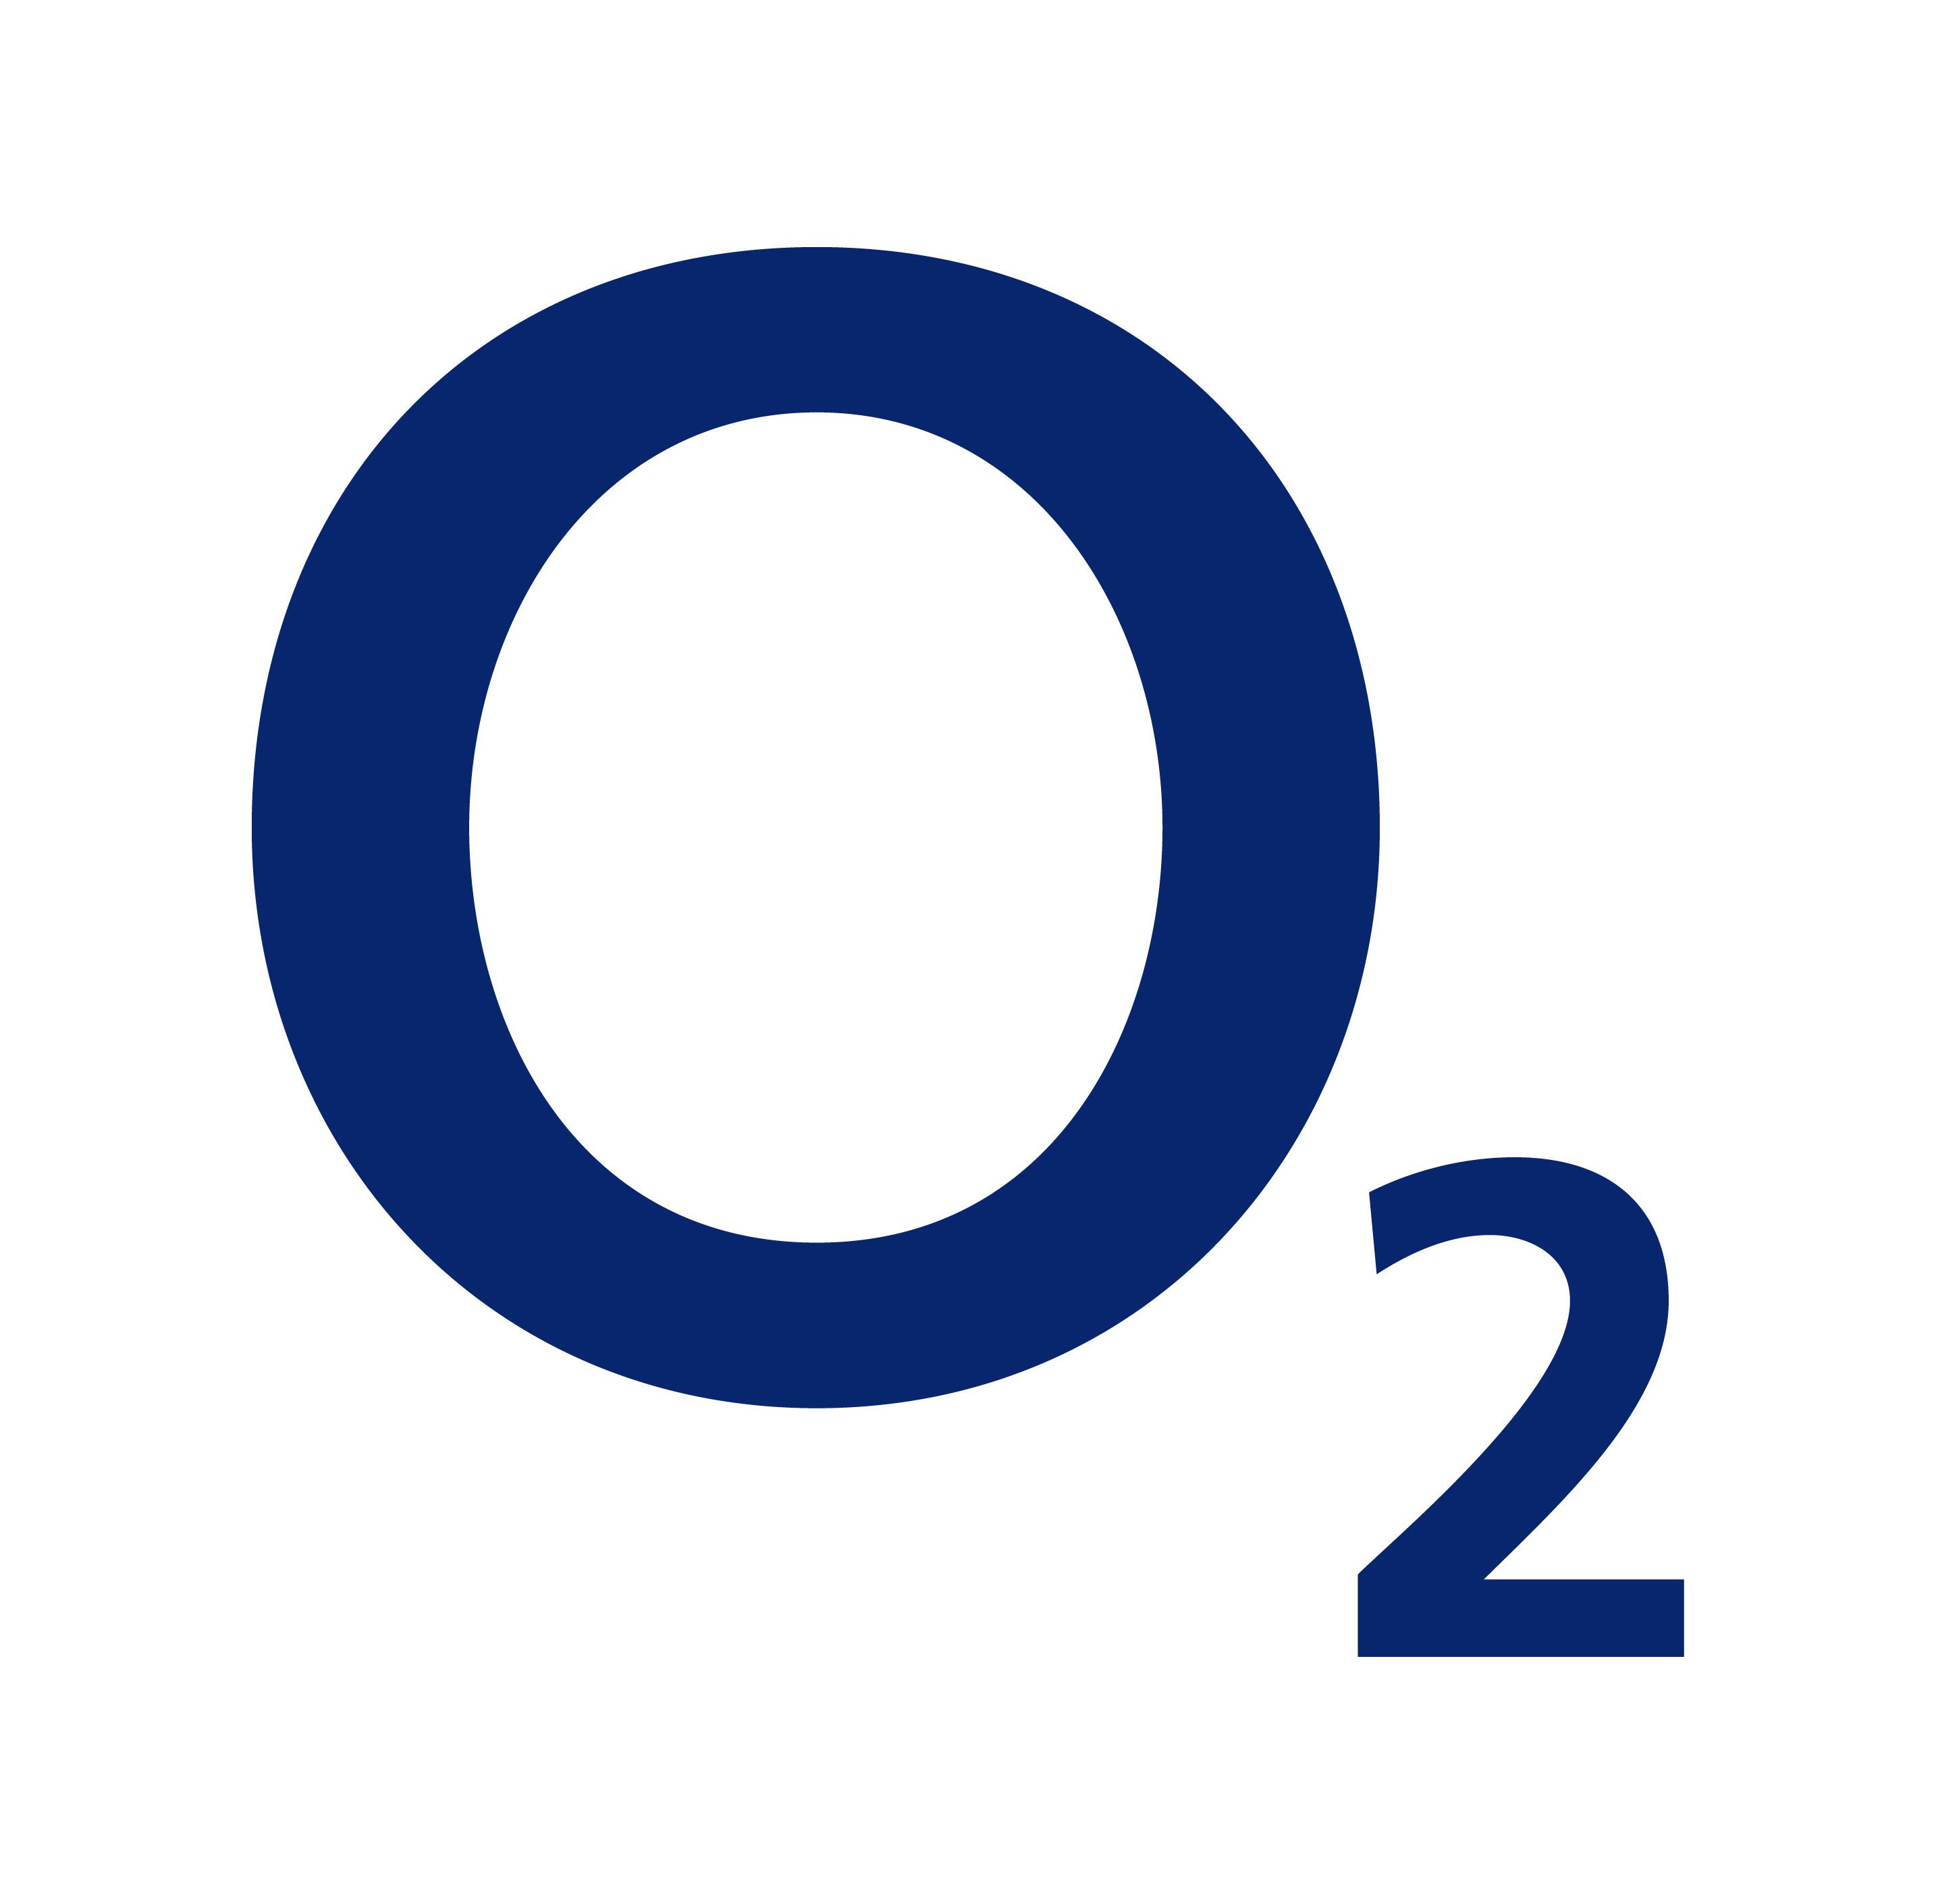 Dobitie O2